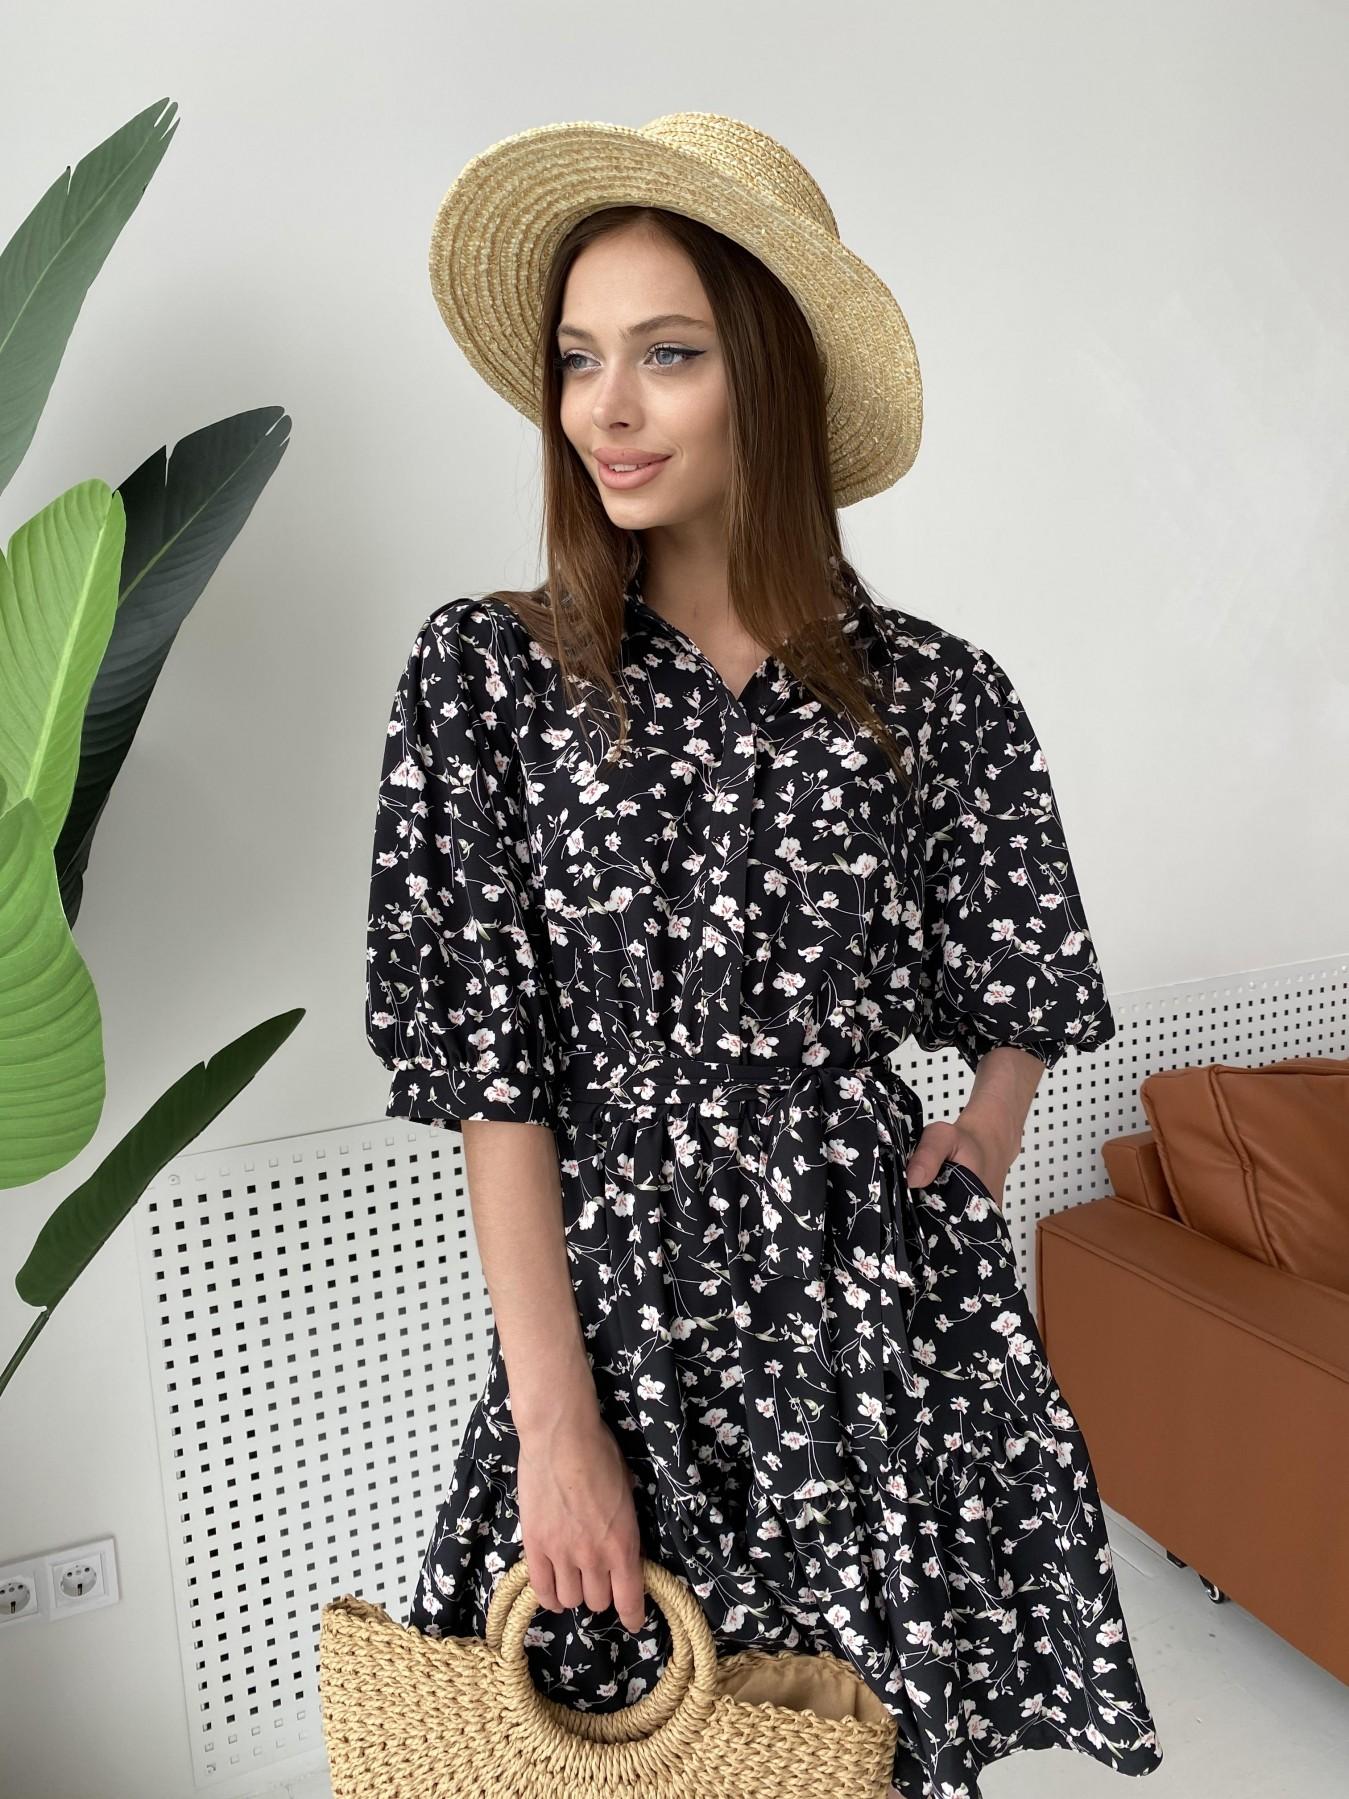 Молизе платье с коротким рукавом из софт ткани в принт 11315 АРТ. 47852 Цвет: Черный/молоко, Цветы - фото 6, интернет магазин tm-modus.ru